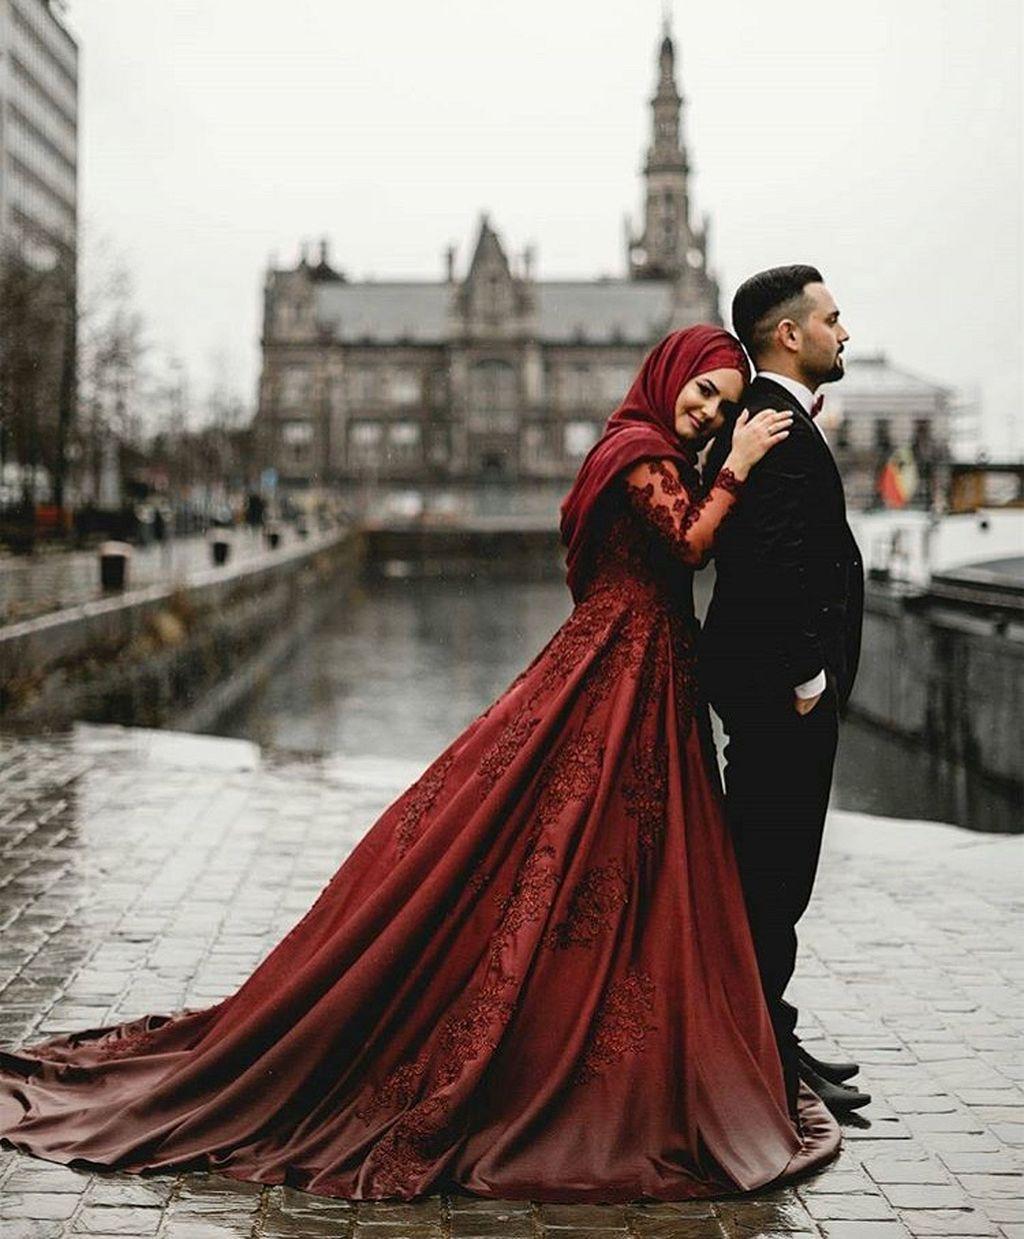 wedding moslem dress ideas wedding dress pinterest